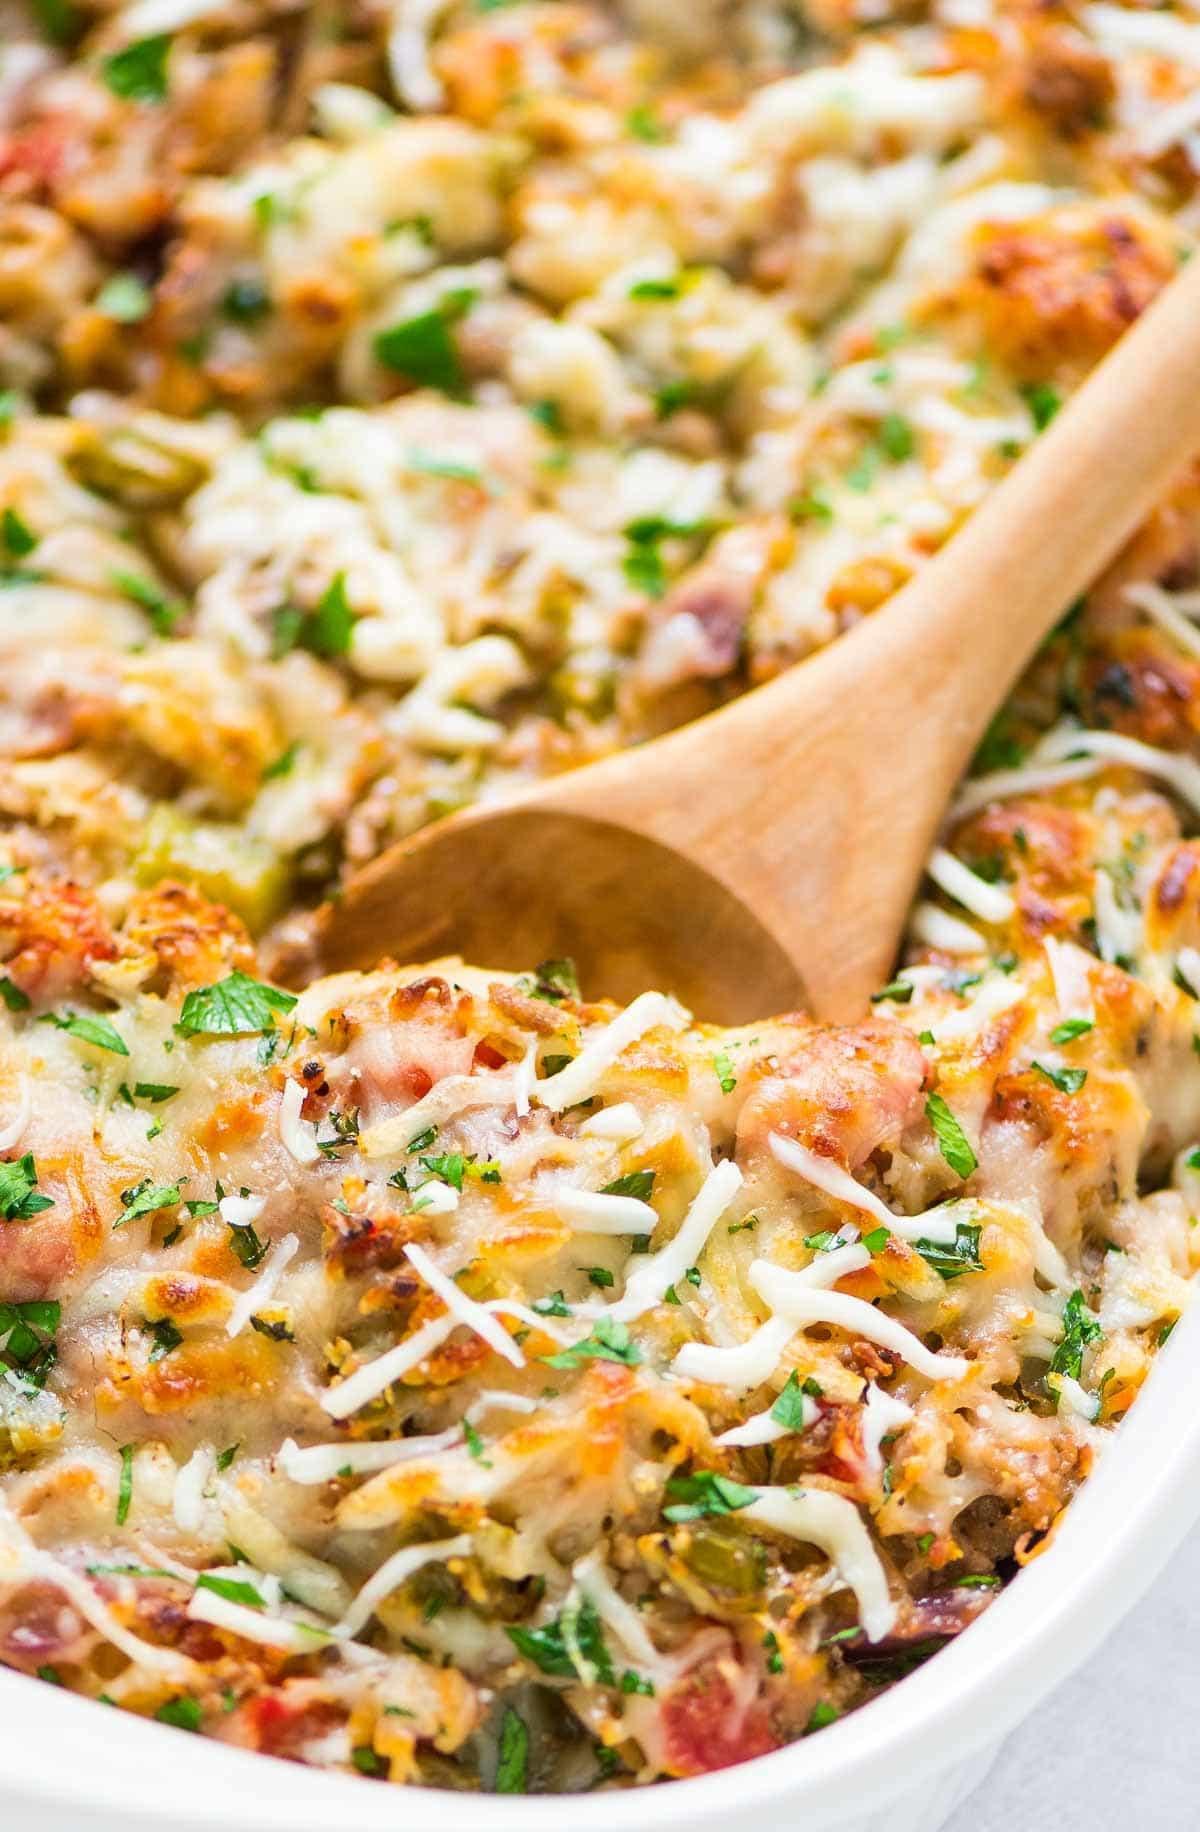 Healthy Spaghetti Squash Recipes  Healthy Spaghetti Squash Casserole